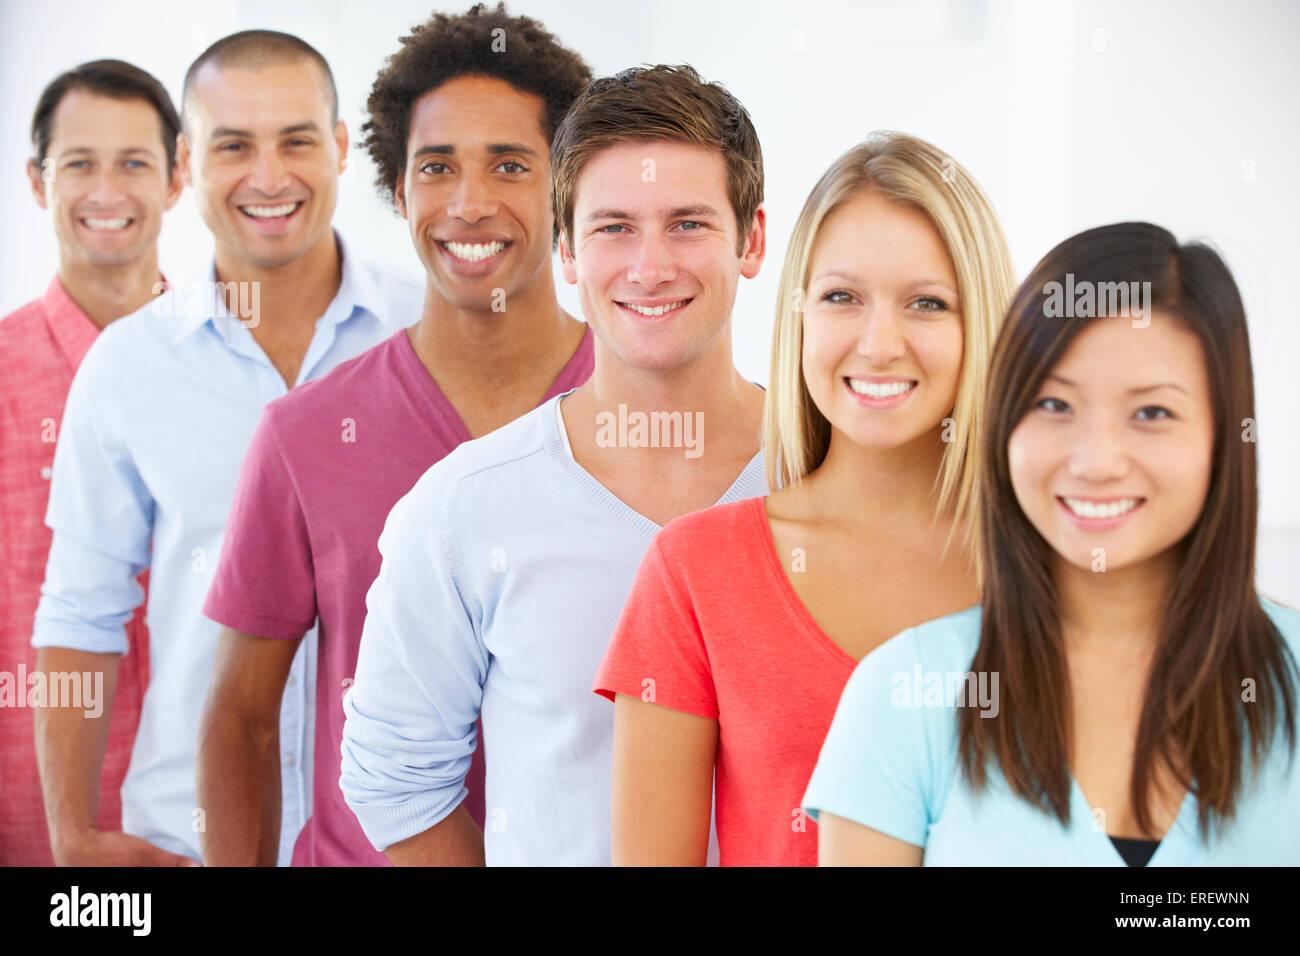 La linea di felice e positiva la gente di affari in abbigliamento Casual Immagini Stock